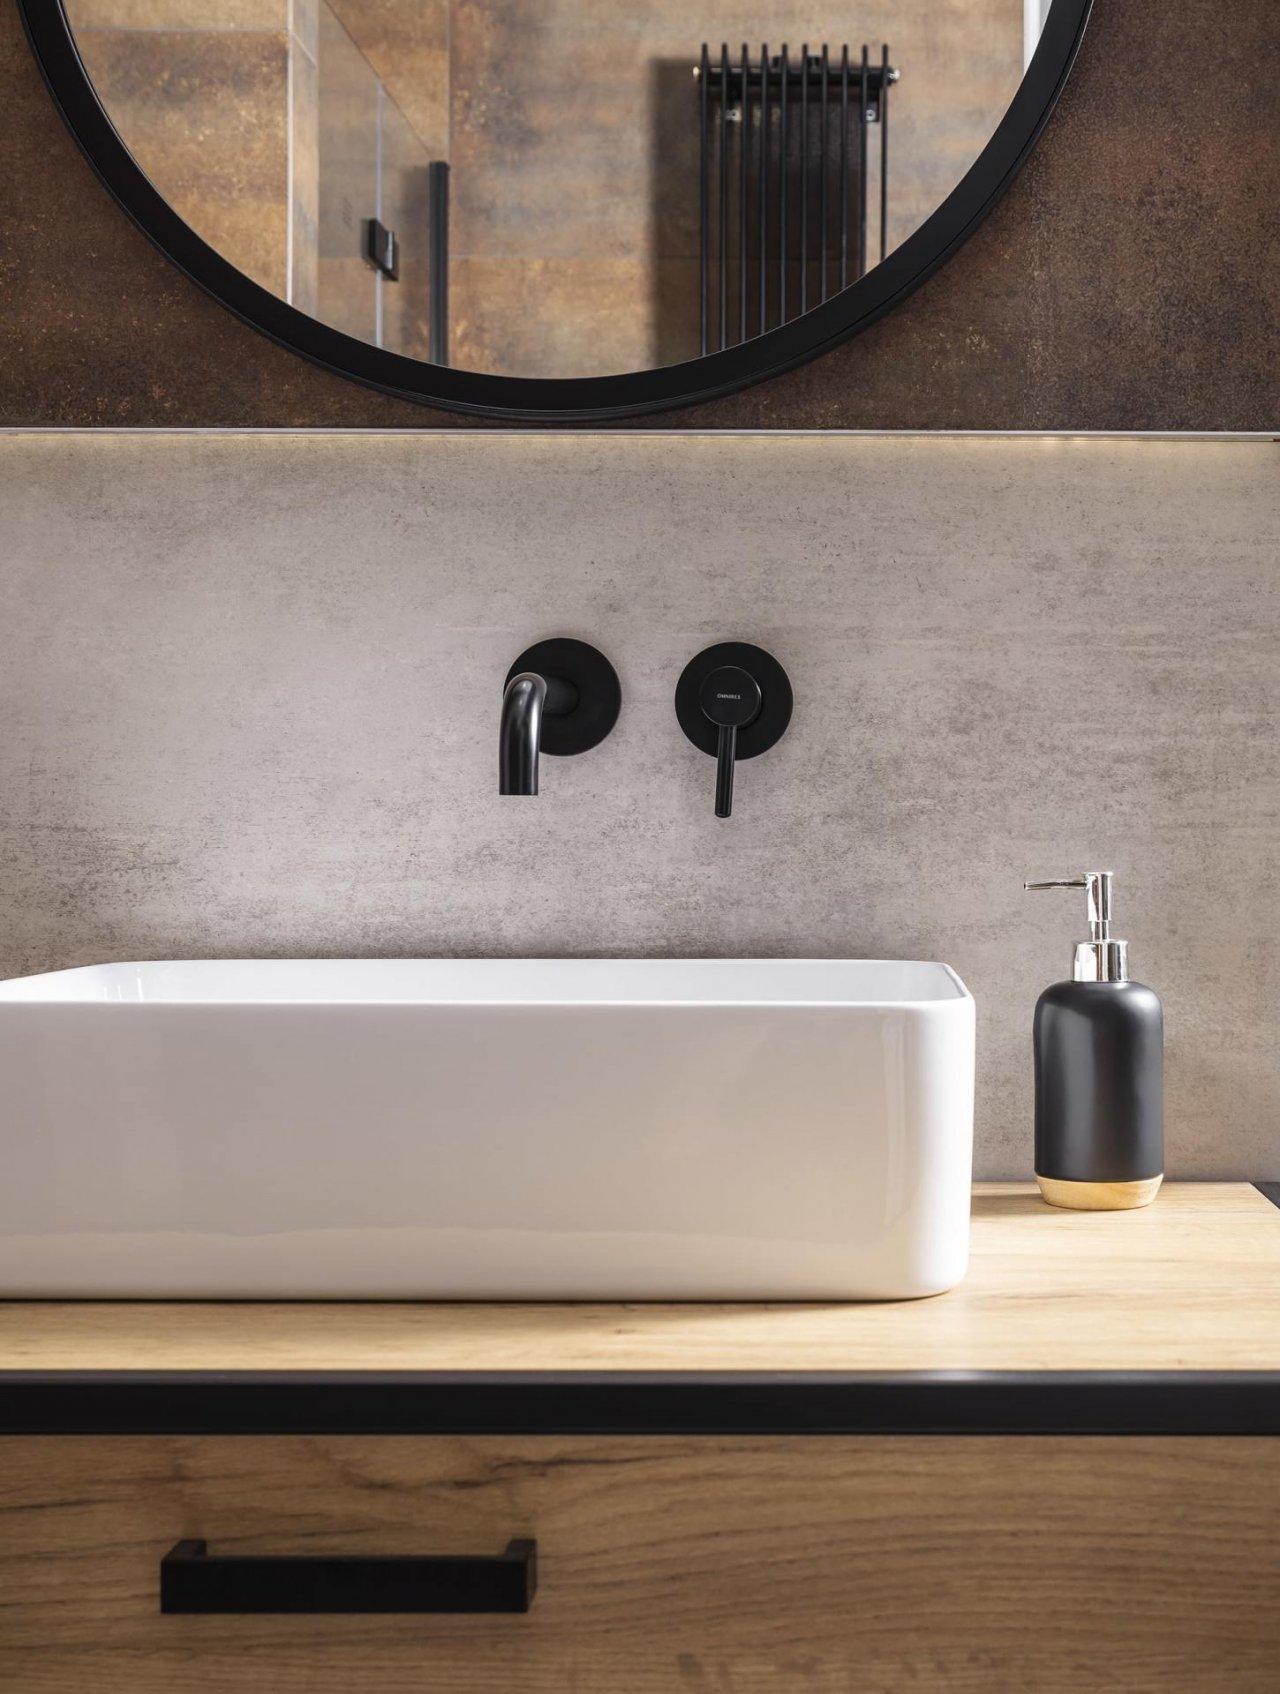 Widok łazienki z białą umywalką, okrągłym lustrem i czarnymi bateriami